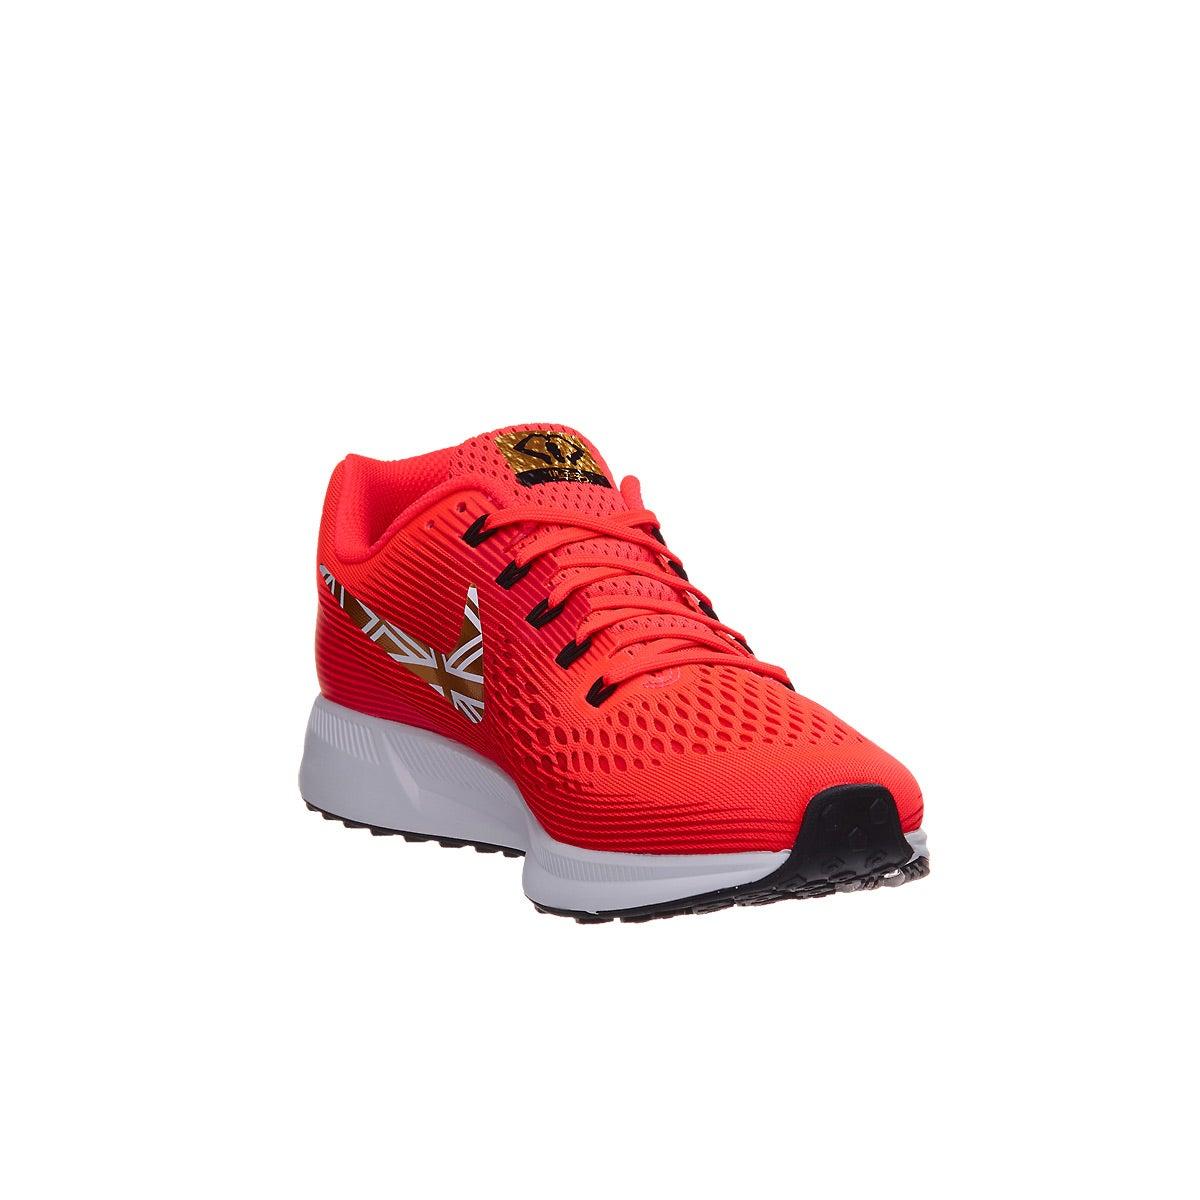 watch 76452 e04fb Nike Zoom Pegasus 34 Men's Shoes Mo Farah 360° View ...